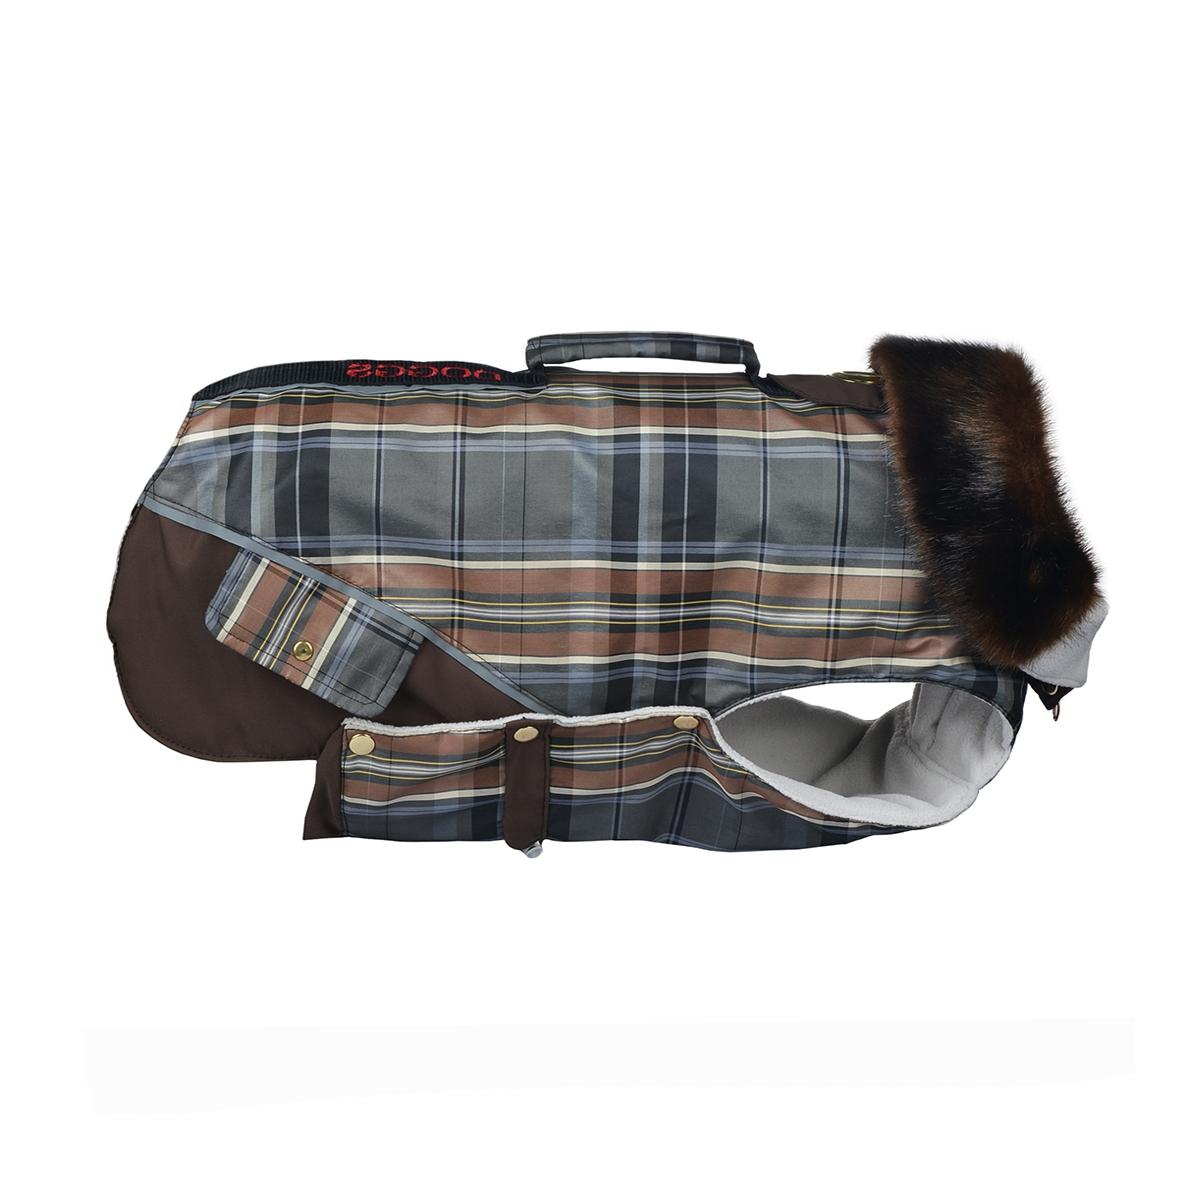 Попона для собак Dogmoda Doggs, для девочки, цвет: коричневый. Размер S0120710Теплая попона для собак Dogmoda Doggs отлично подойдет для прогулок в холодное время года. Попона изготовлена из водоотталкивающего полиэстера, защищающего от ветра и осадков. Синтепоновый утеплитель сохранит тепло даже в сильные морозы и обеспечит уют во время зимних прогулок. На подкладке используется флис, который обеспечивает воздухообмен. Попона не имеет рукавов, поэтому не ограничивает свободу движений, и собака будет чувствовать себя в ней комфортно. Стильный меховой воротник-стойка на молнии всегда будет обращать на себя восторженное внимание других владельцев собак. Модель застегивается на кнопки. На животе попона затягивается на шнурок-кулиску с зажимом. Спинка декорирована вышитой надписью Doggs, оснащена светоотражающими элементами и ручкой. Модель снабжена непромокаемым карманом для размещения записки с информацией о вашем питомце, на случай если он потеряется. Благодаря такой попоне питомцу будет тепло и комфортно.